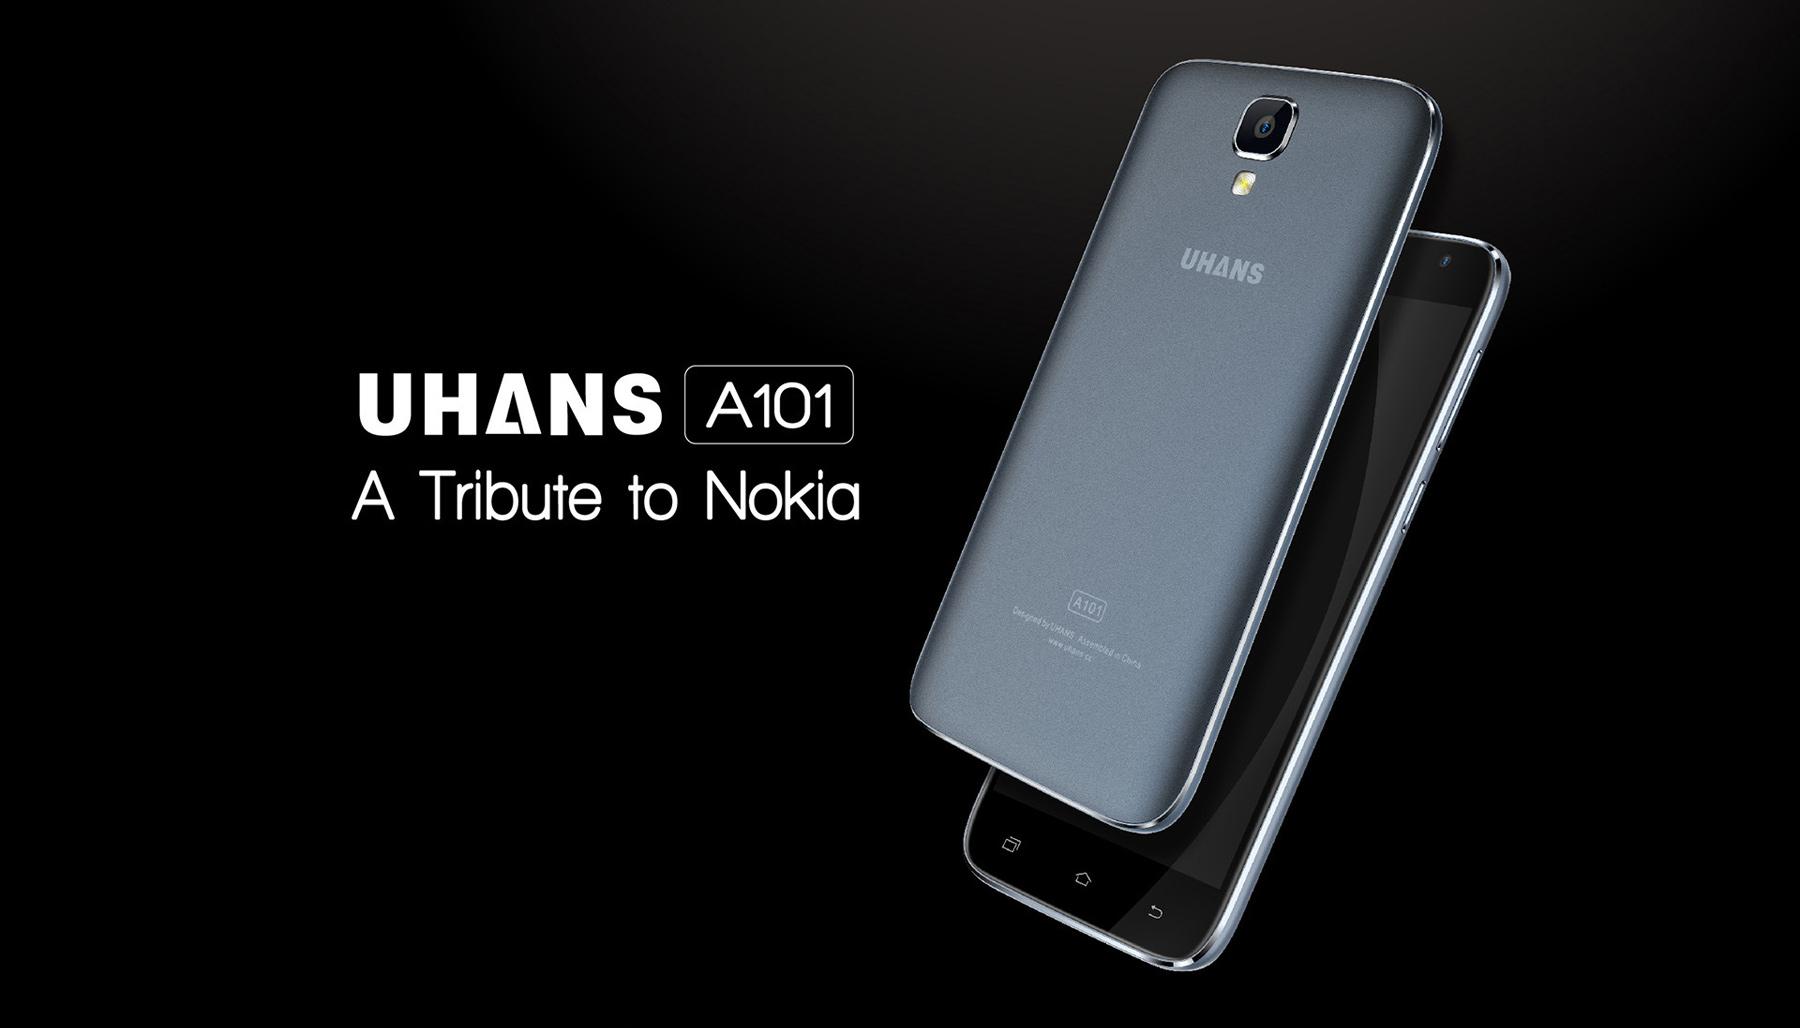 1472613376357349 UHANS A101, poate cel mai ieftin telefon cu 4G si display HD